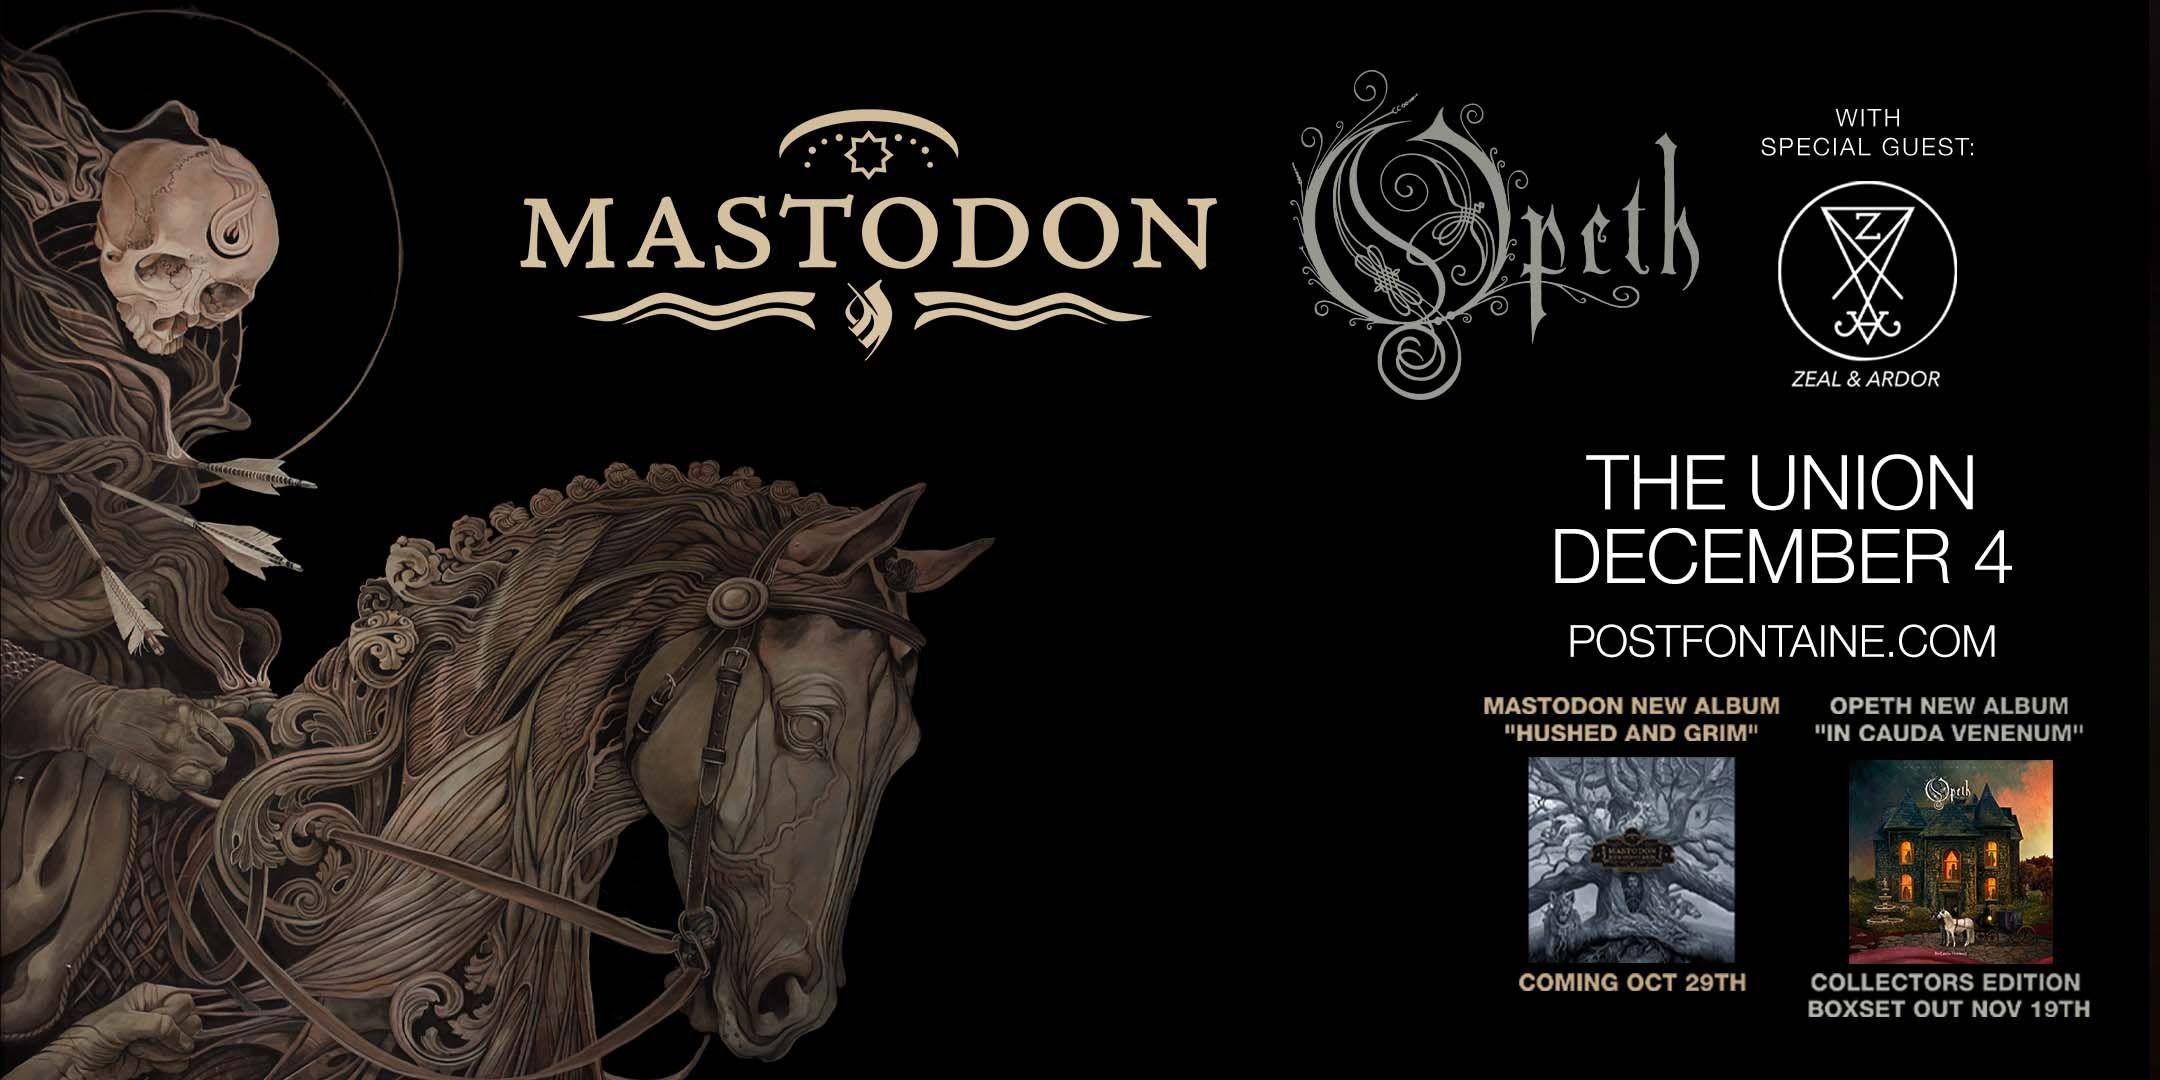 mastodon_&_opeth_banner.jpg